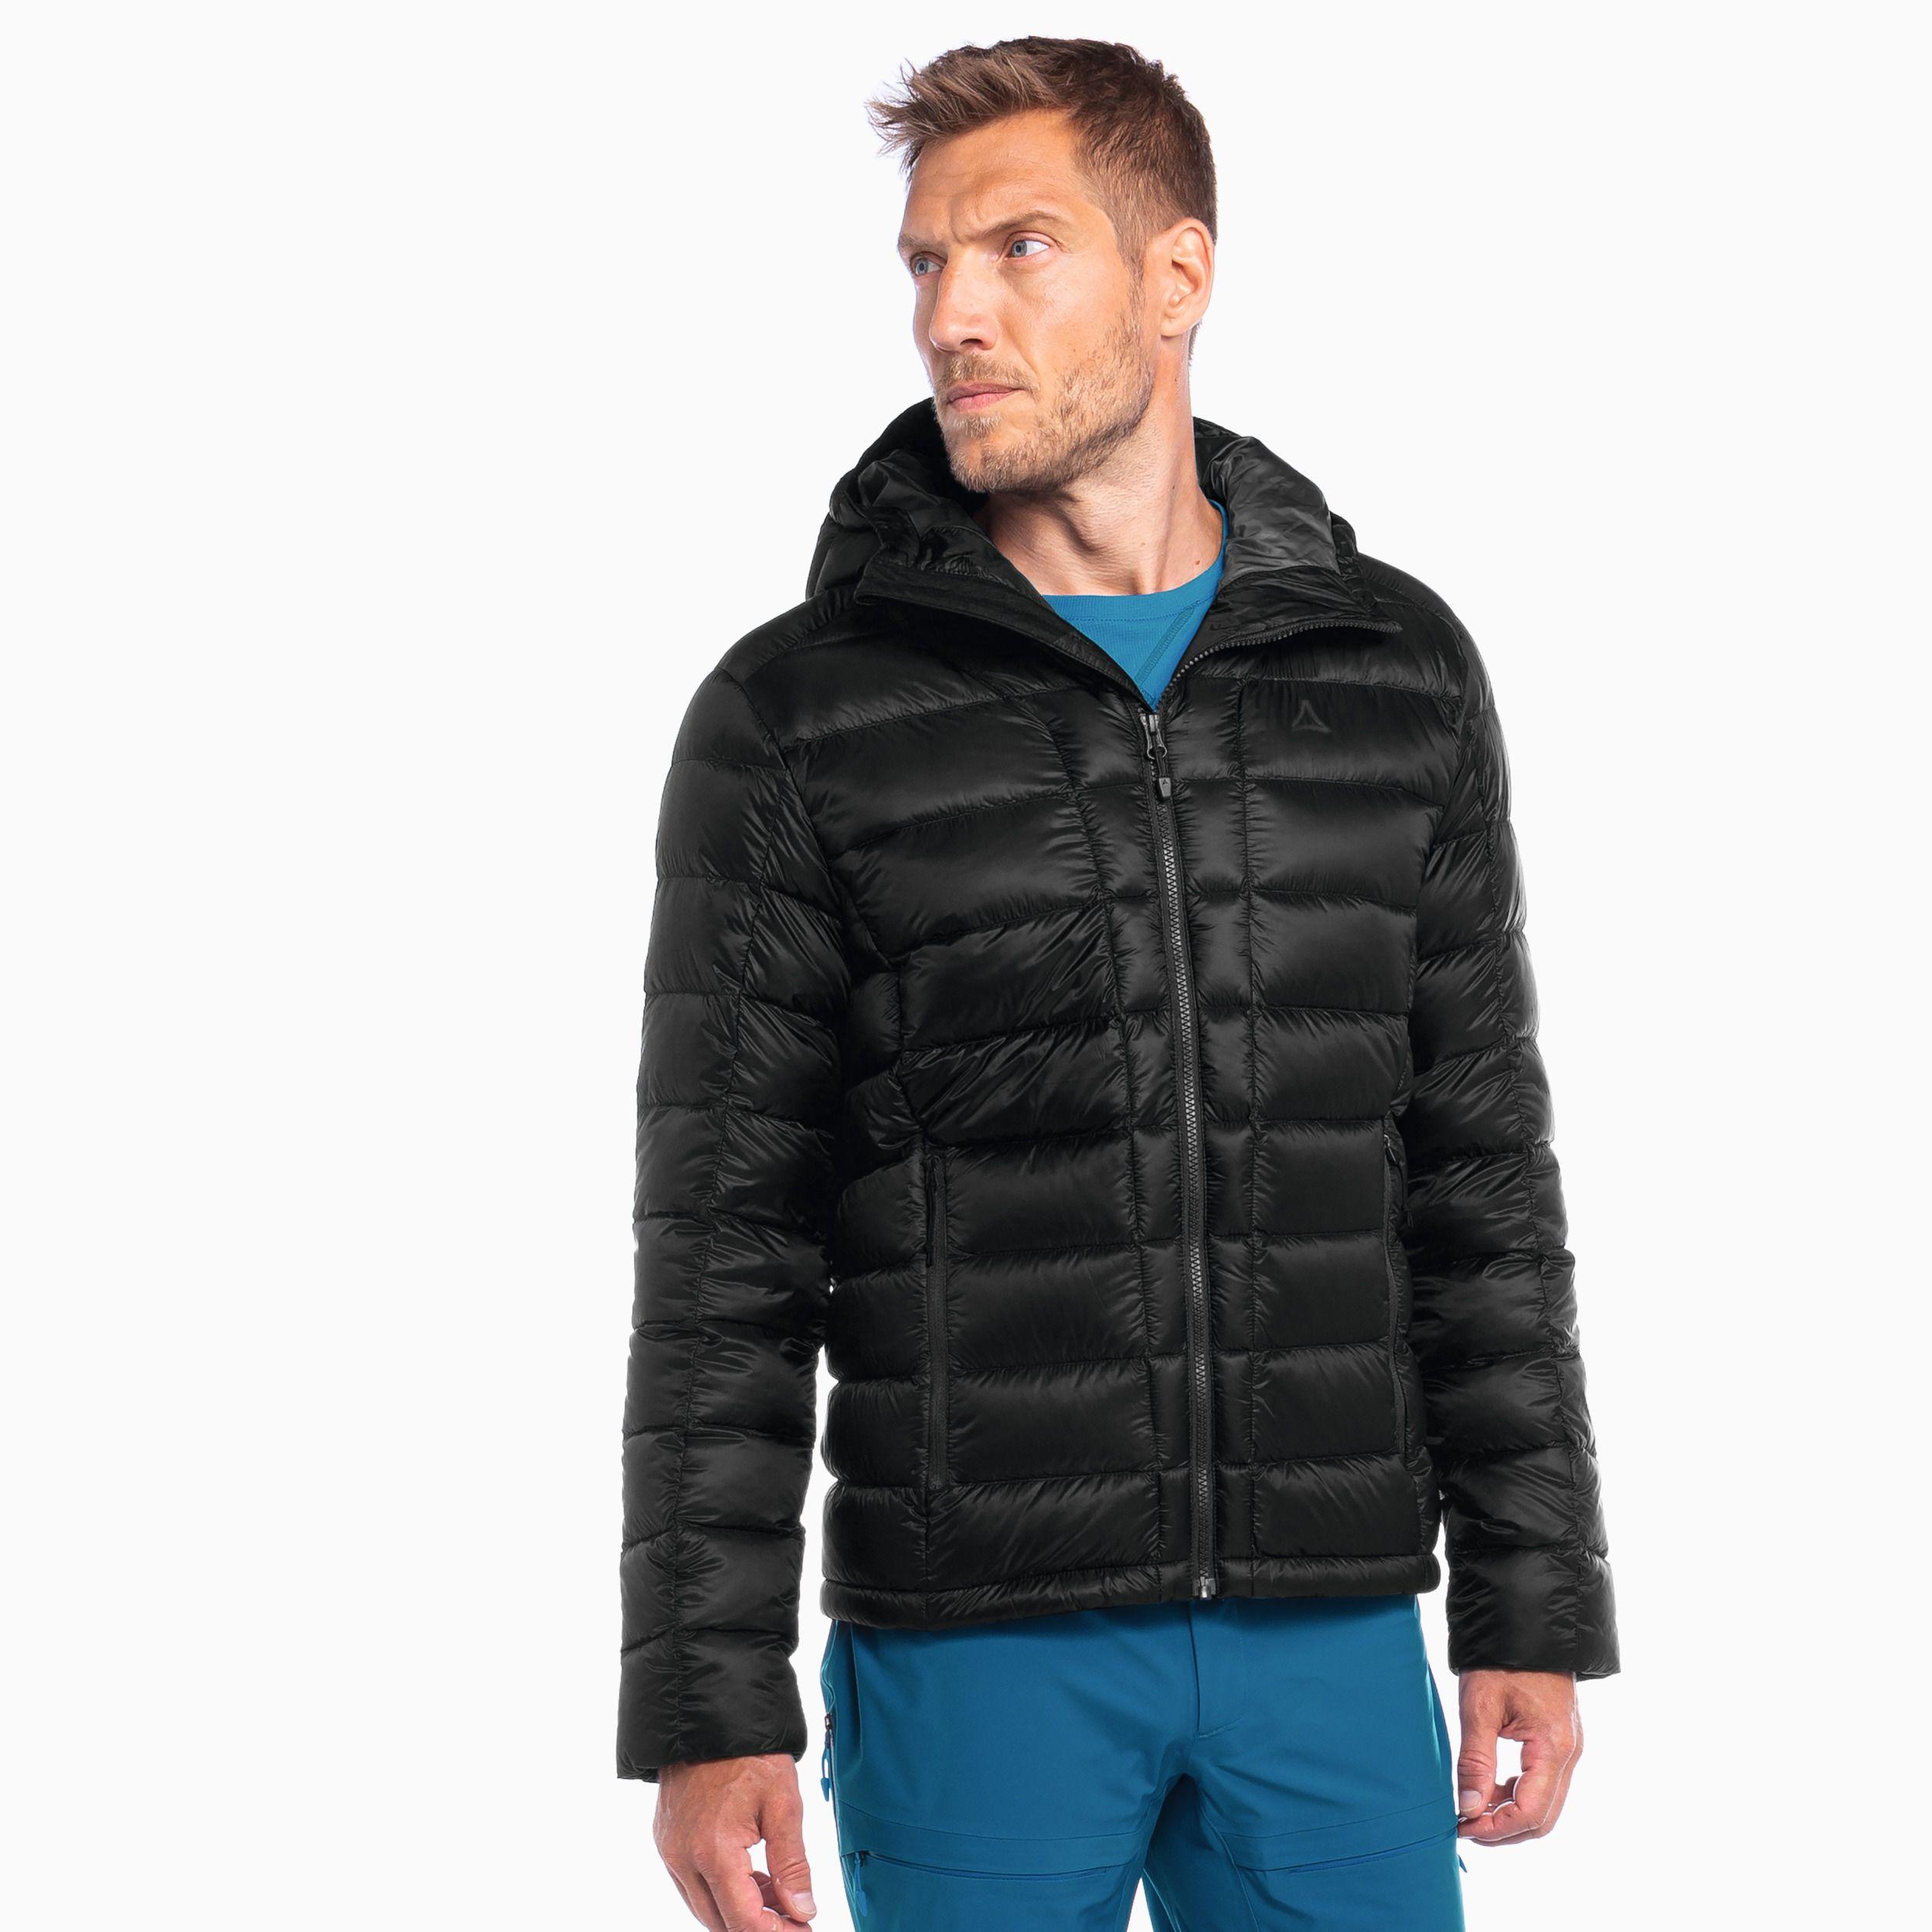 SCHÖFFEL Down Jacket Lodner M - schwarz